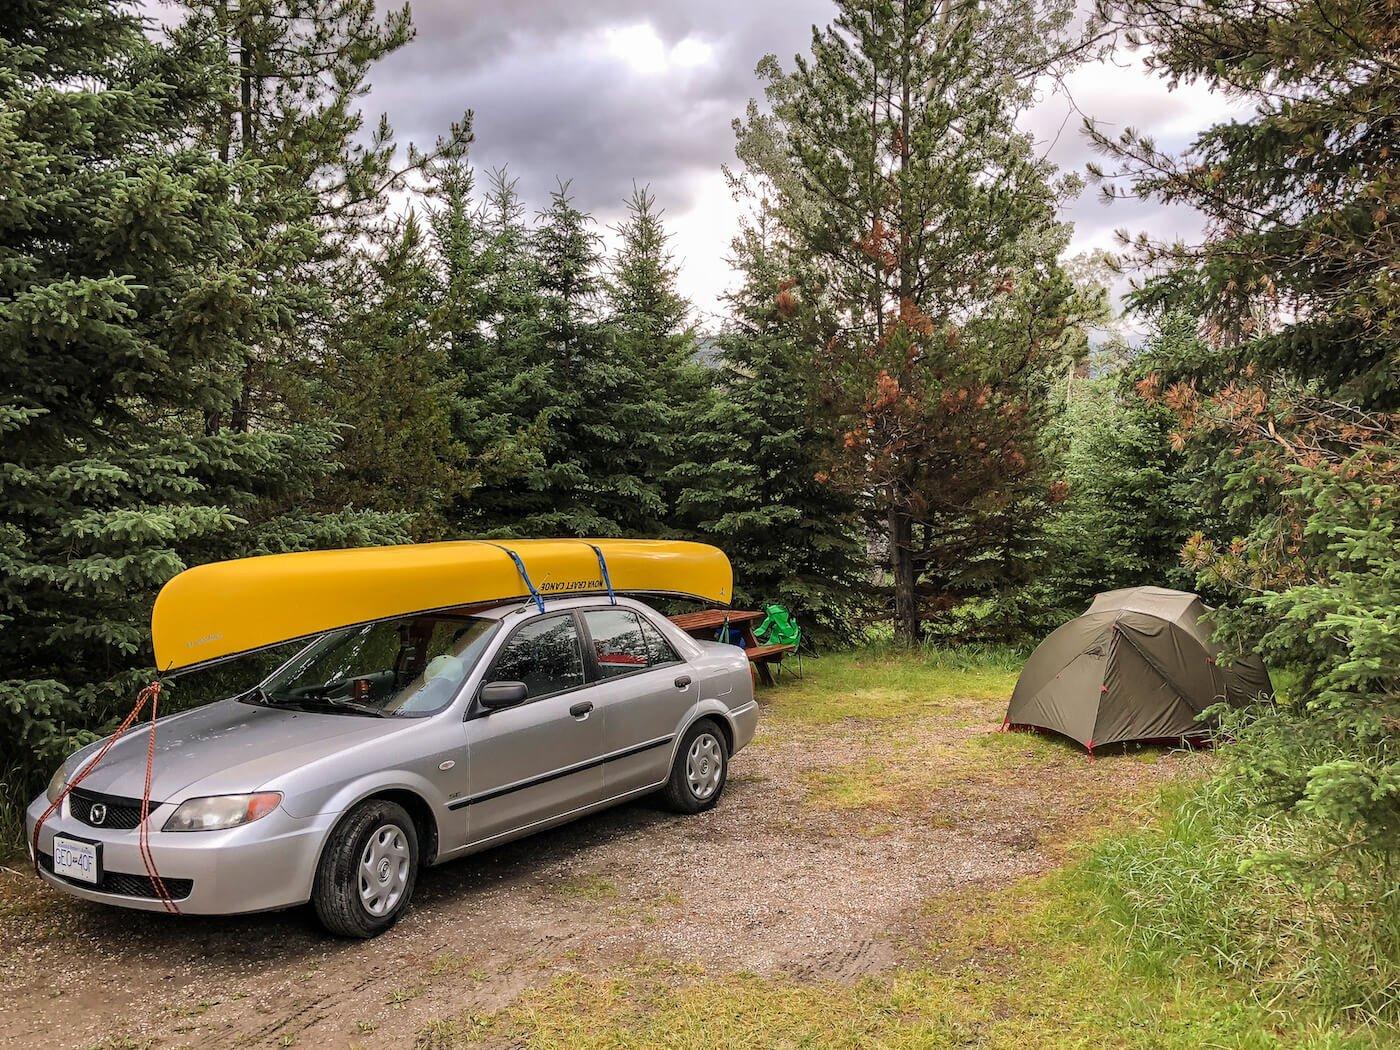 Kamperen in nationala parken Canada - by NOMADS